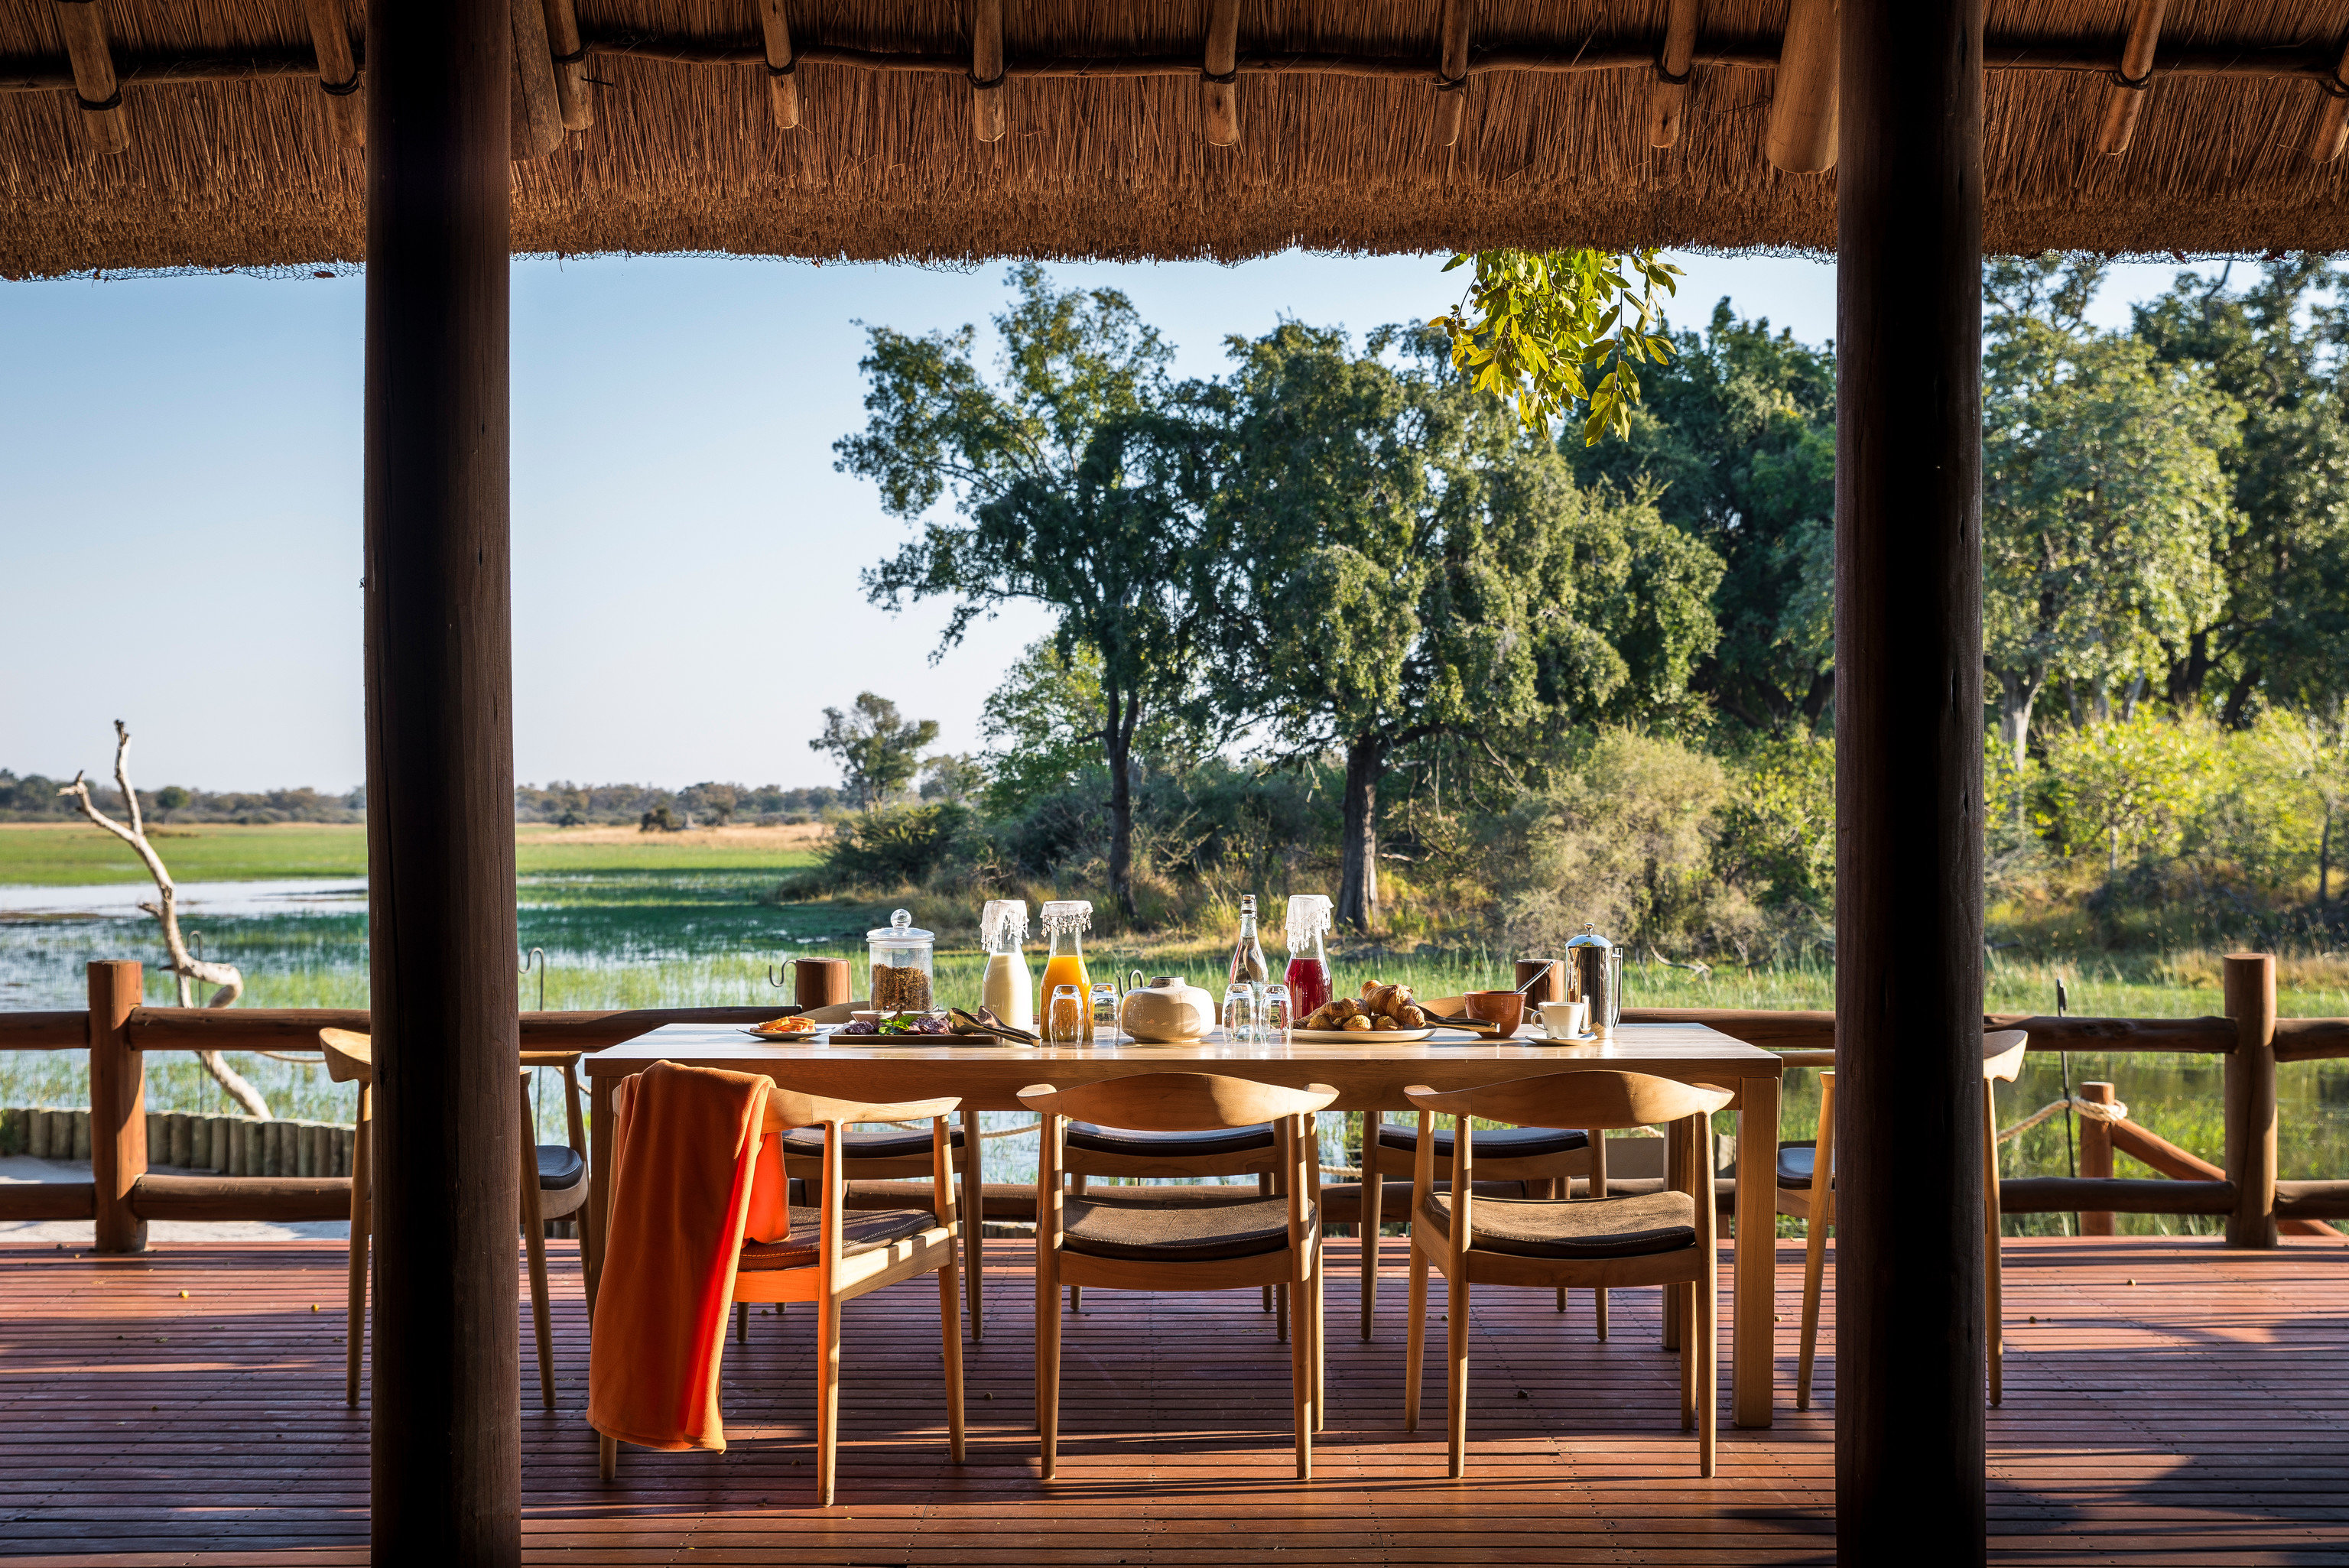 tree chair leisure Resort restaurant wooden home set